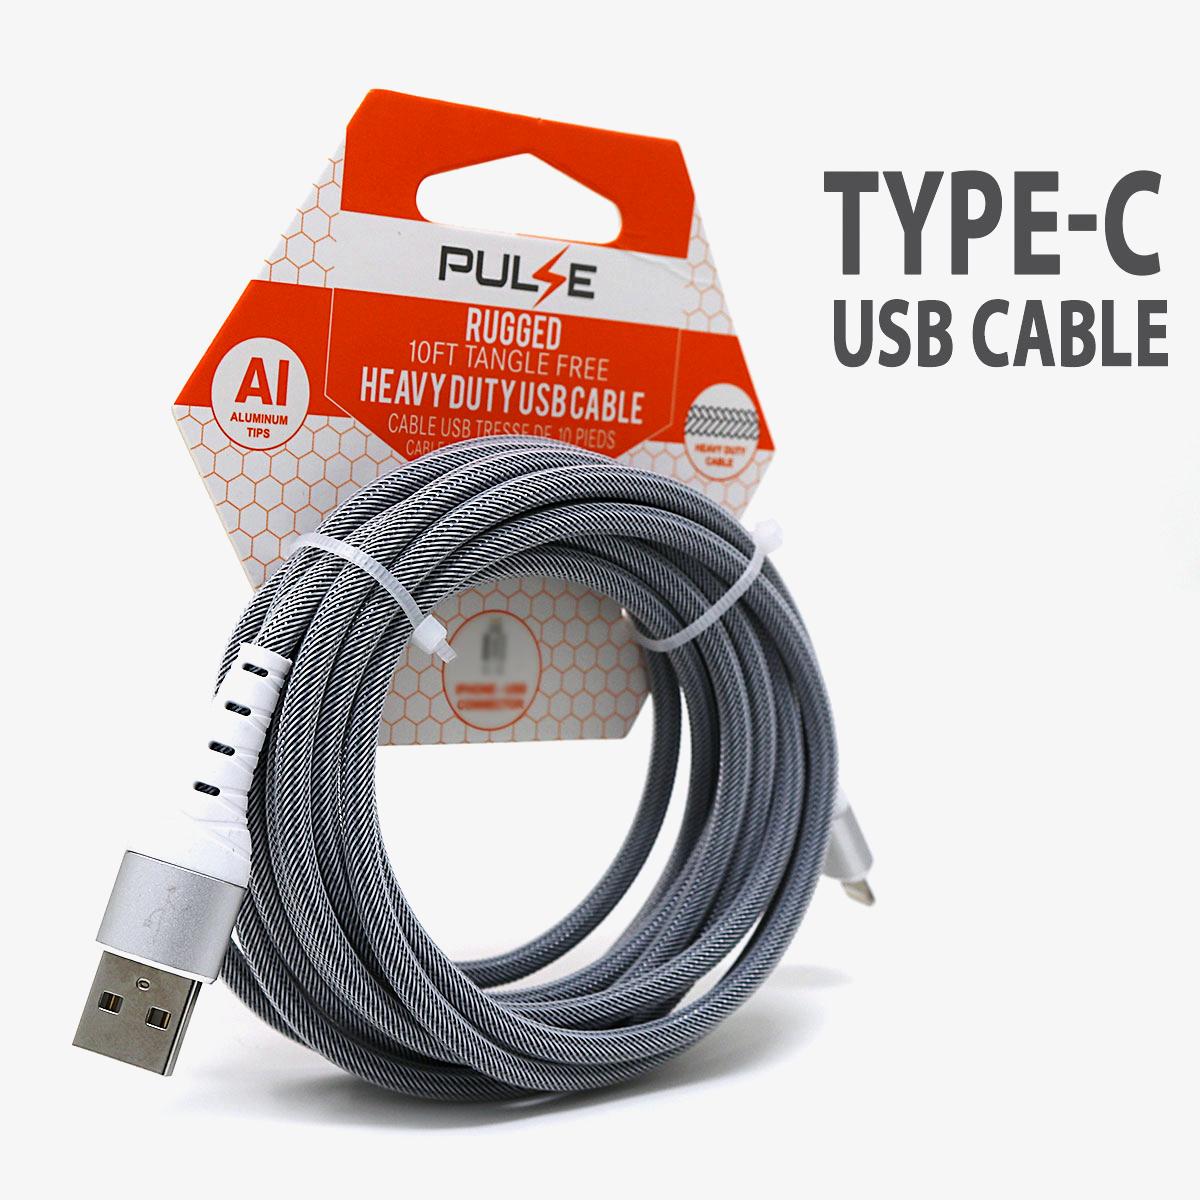 USB-10003-10FHD-TYP-C-GY-WT